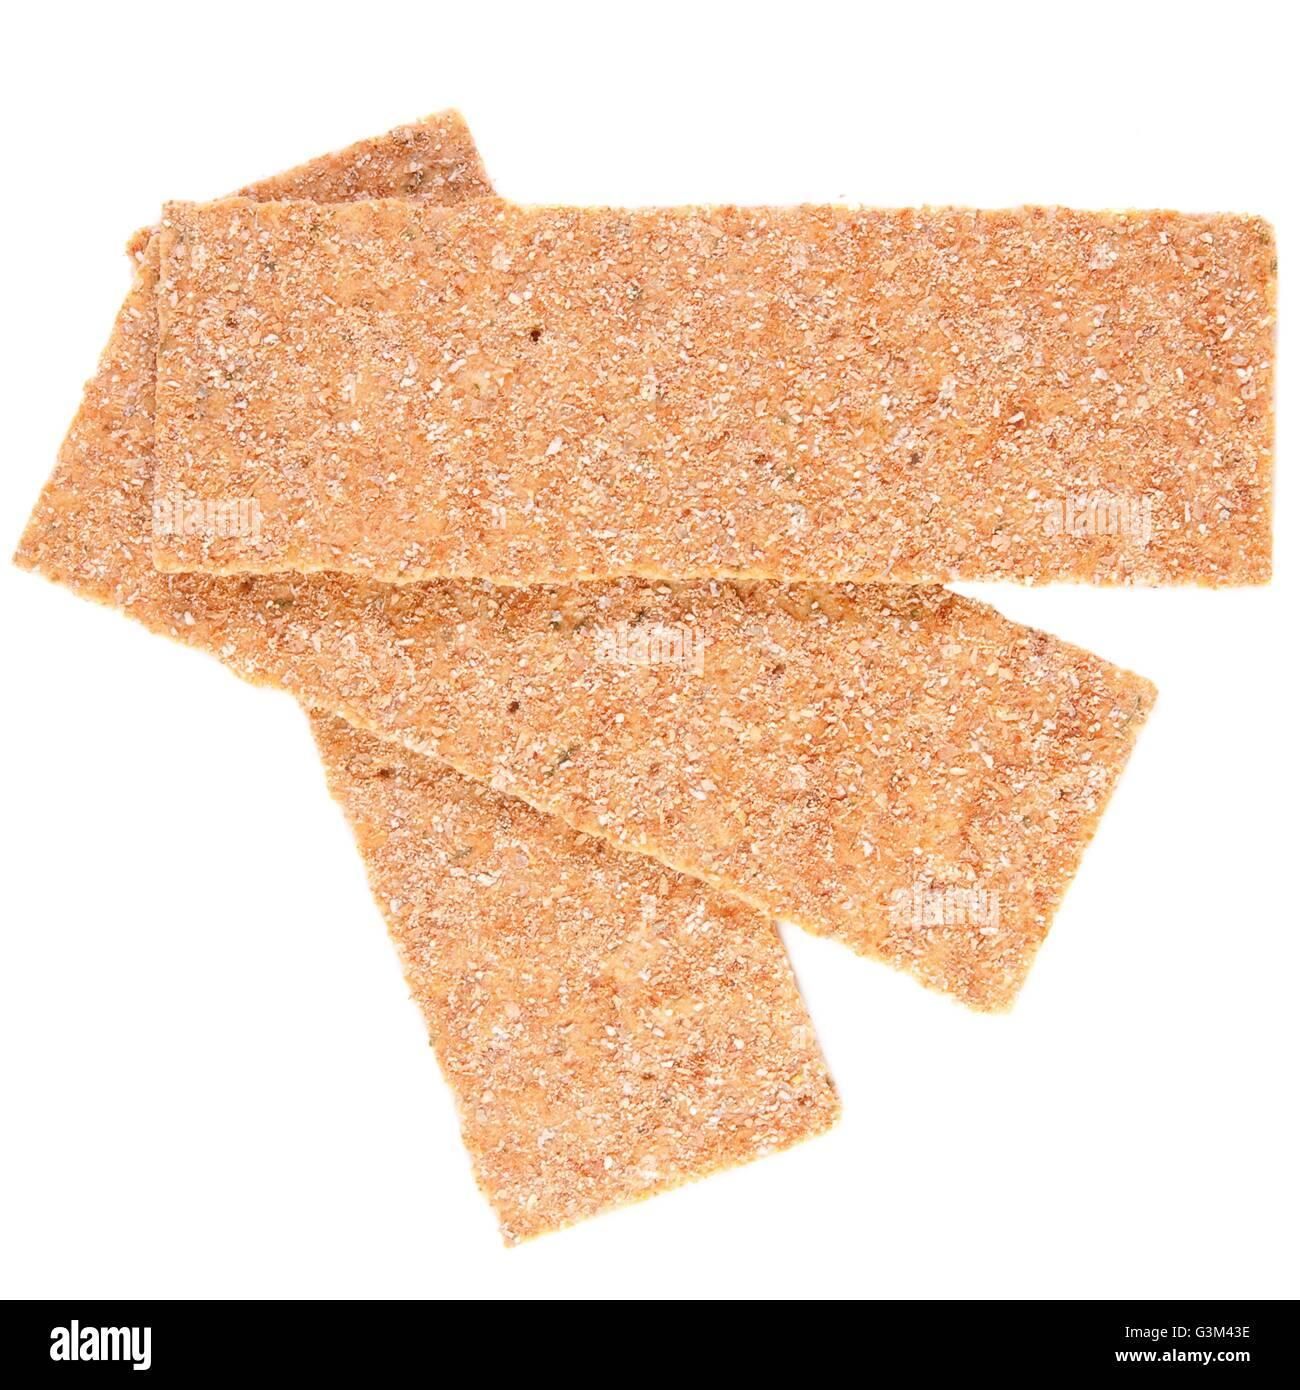 Tranches de pain croustillant calorique faible isolated on white Photo Stock